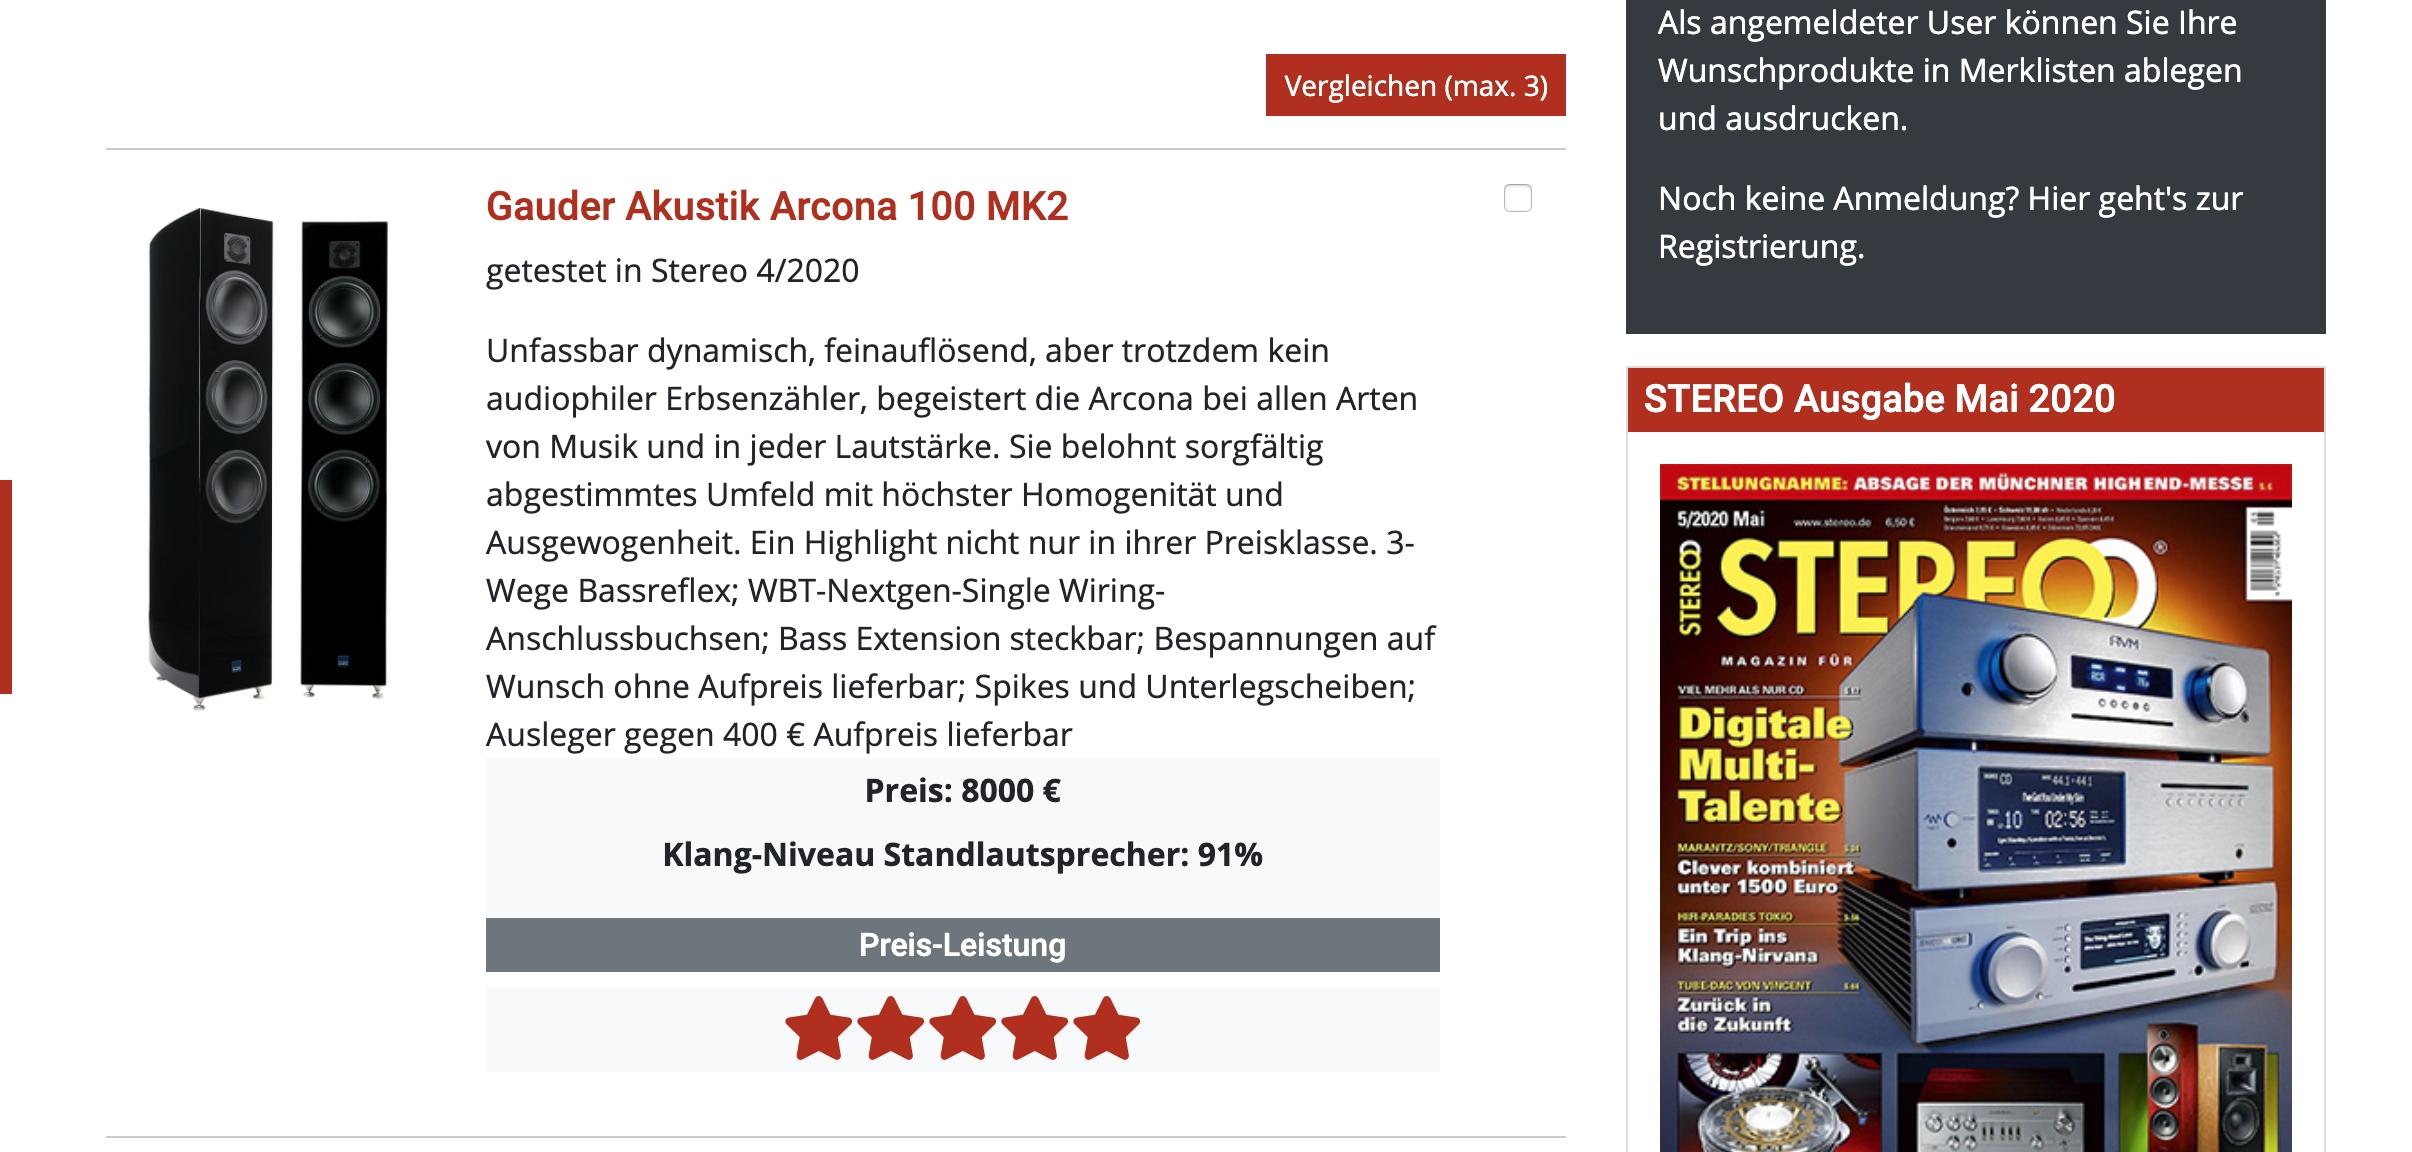 Сенсация! Выдающийся тест GauderAkustik Arcona 100 MKII в журнале Stereo(Германия)